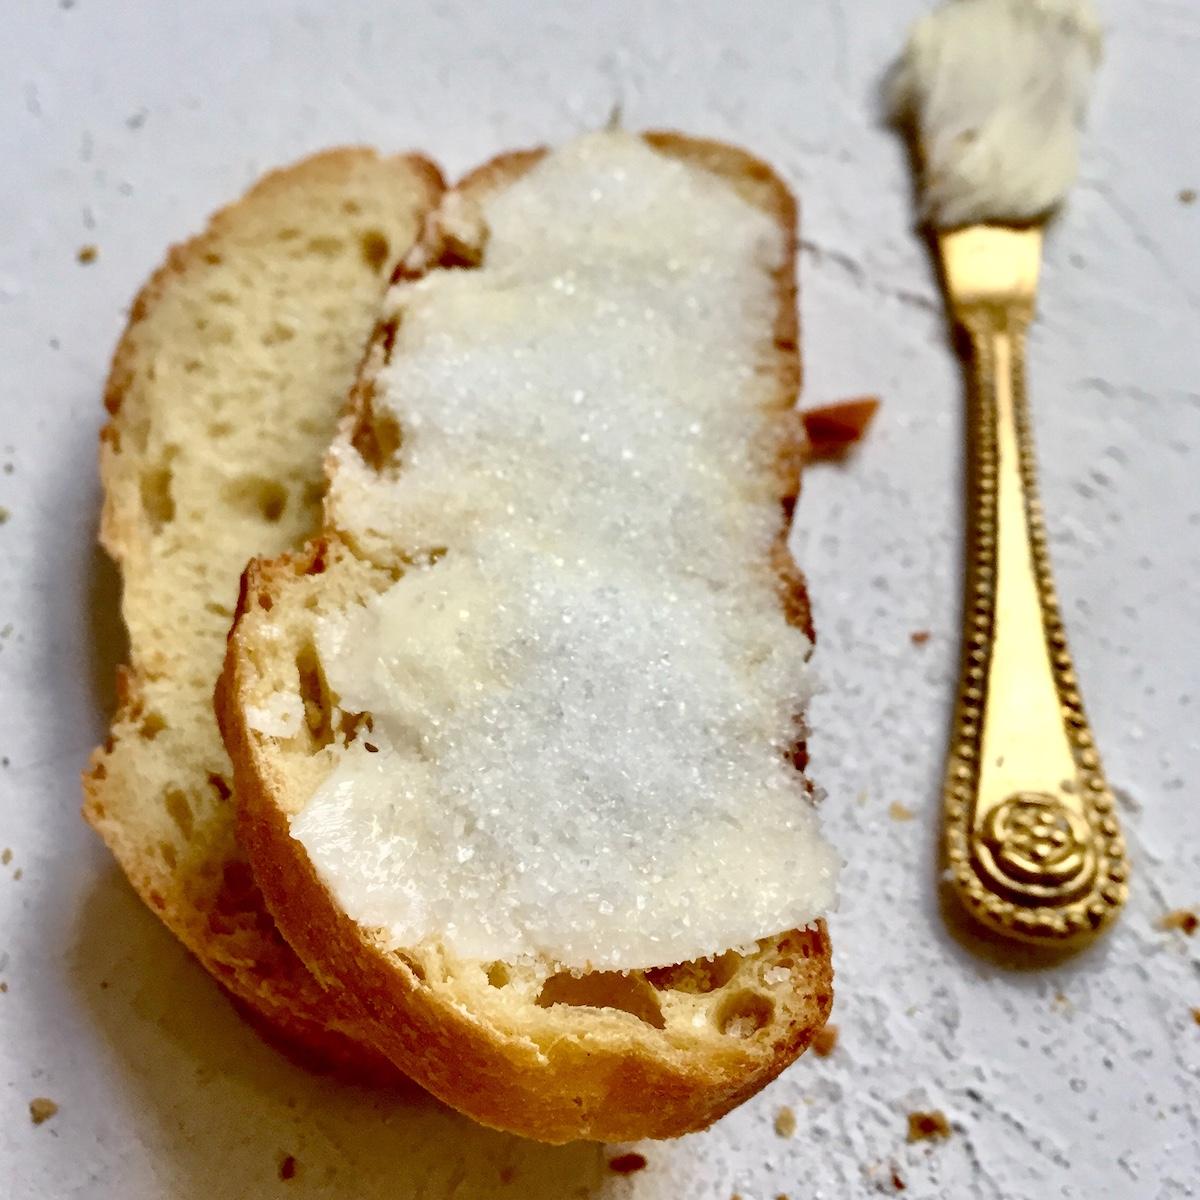 La ricetta per una merenda (o colazione) genuina, antica, sana, super golosa! E ricca di ricordi